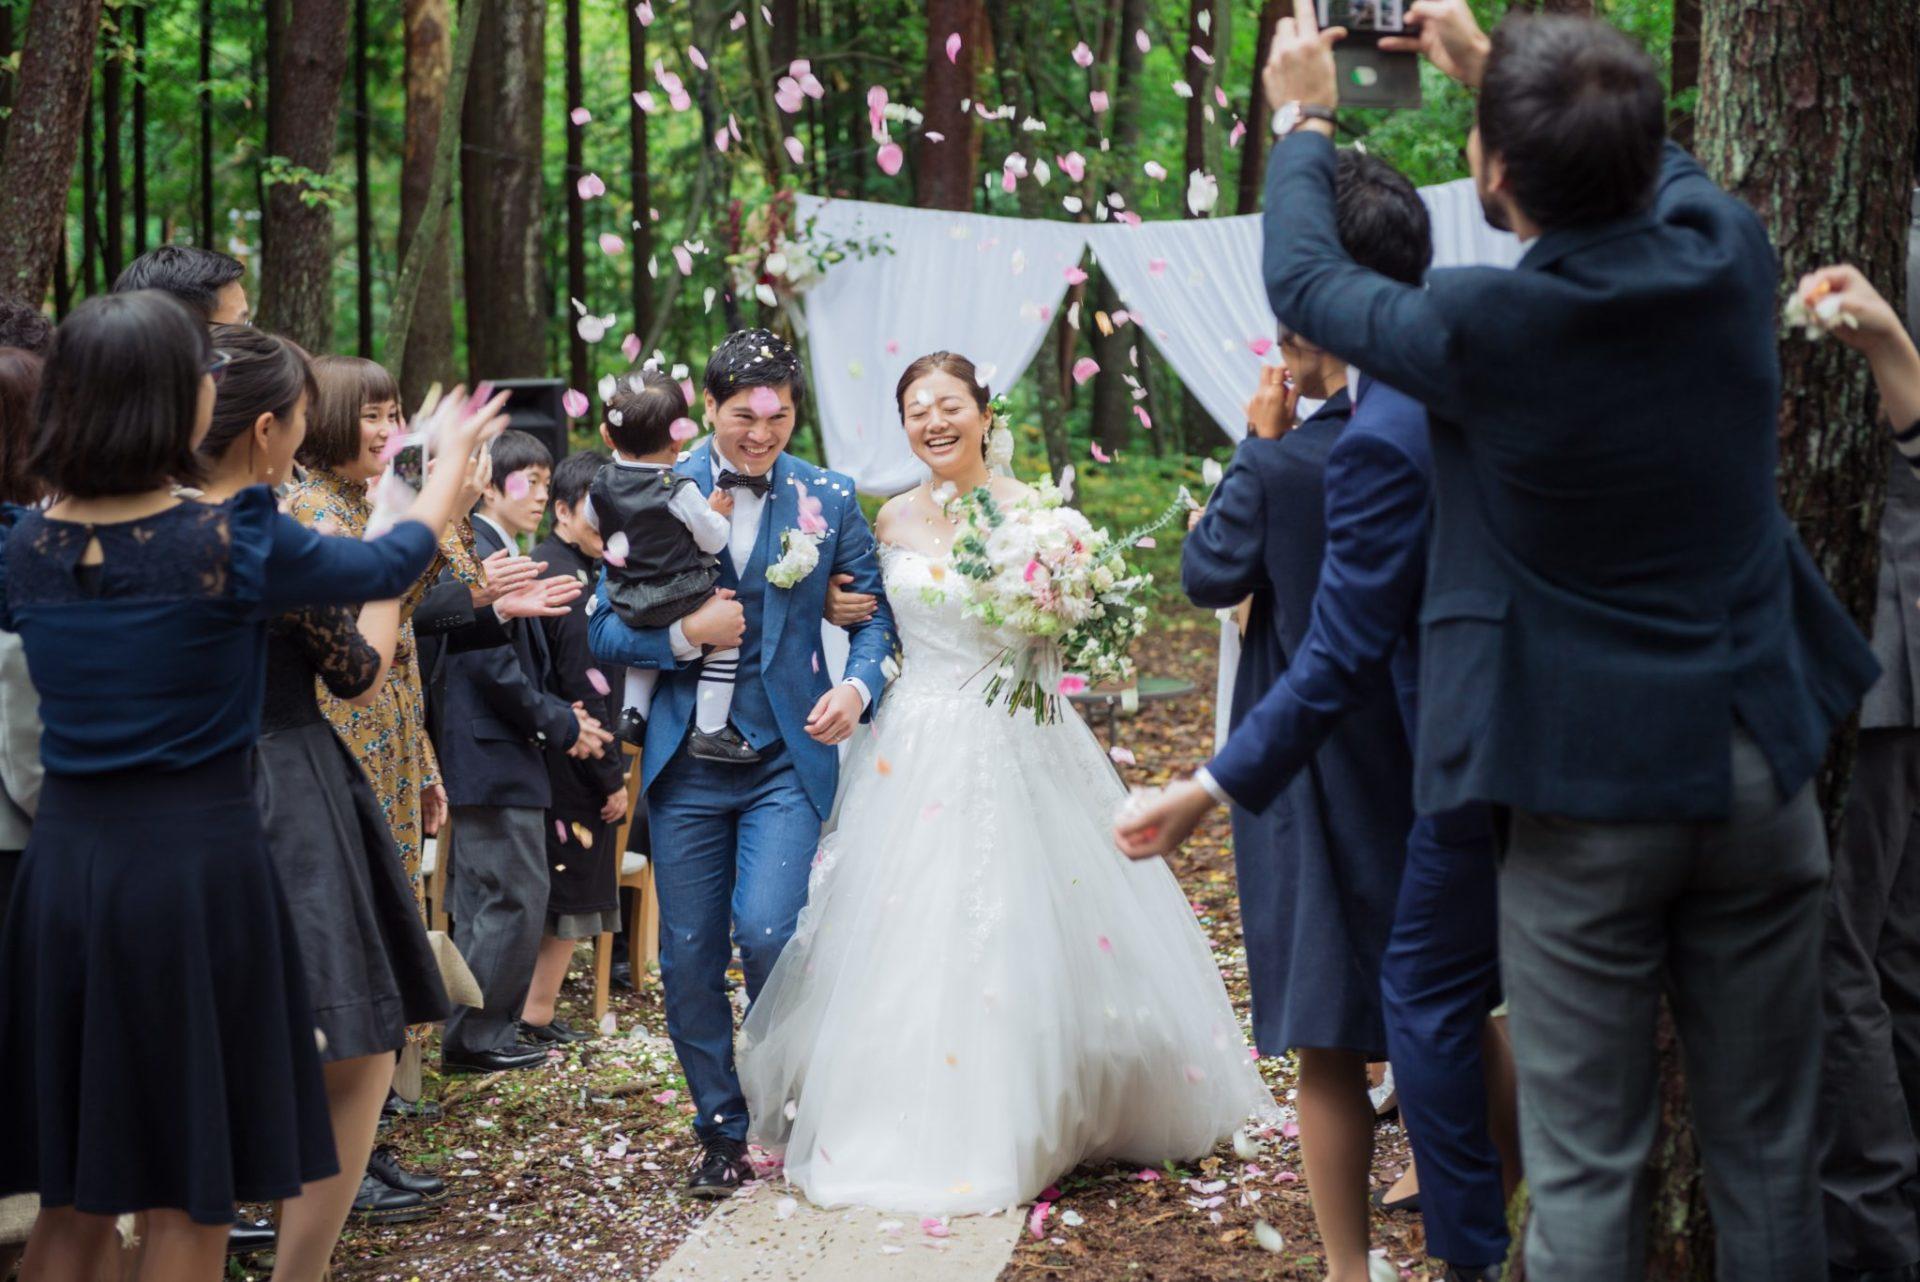 べるが(verga)での結婚式-フラワーシャワーで笑顔